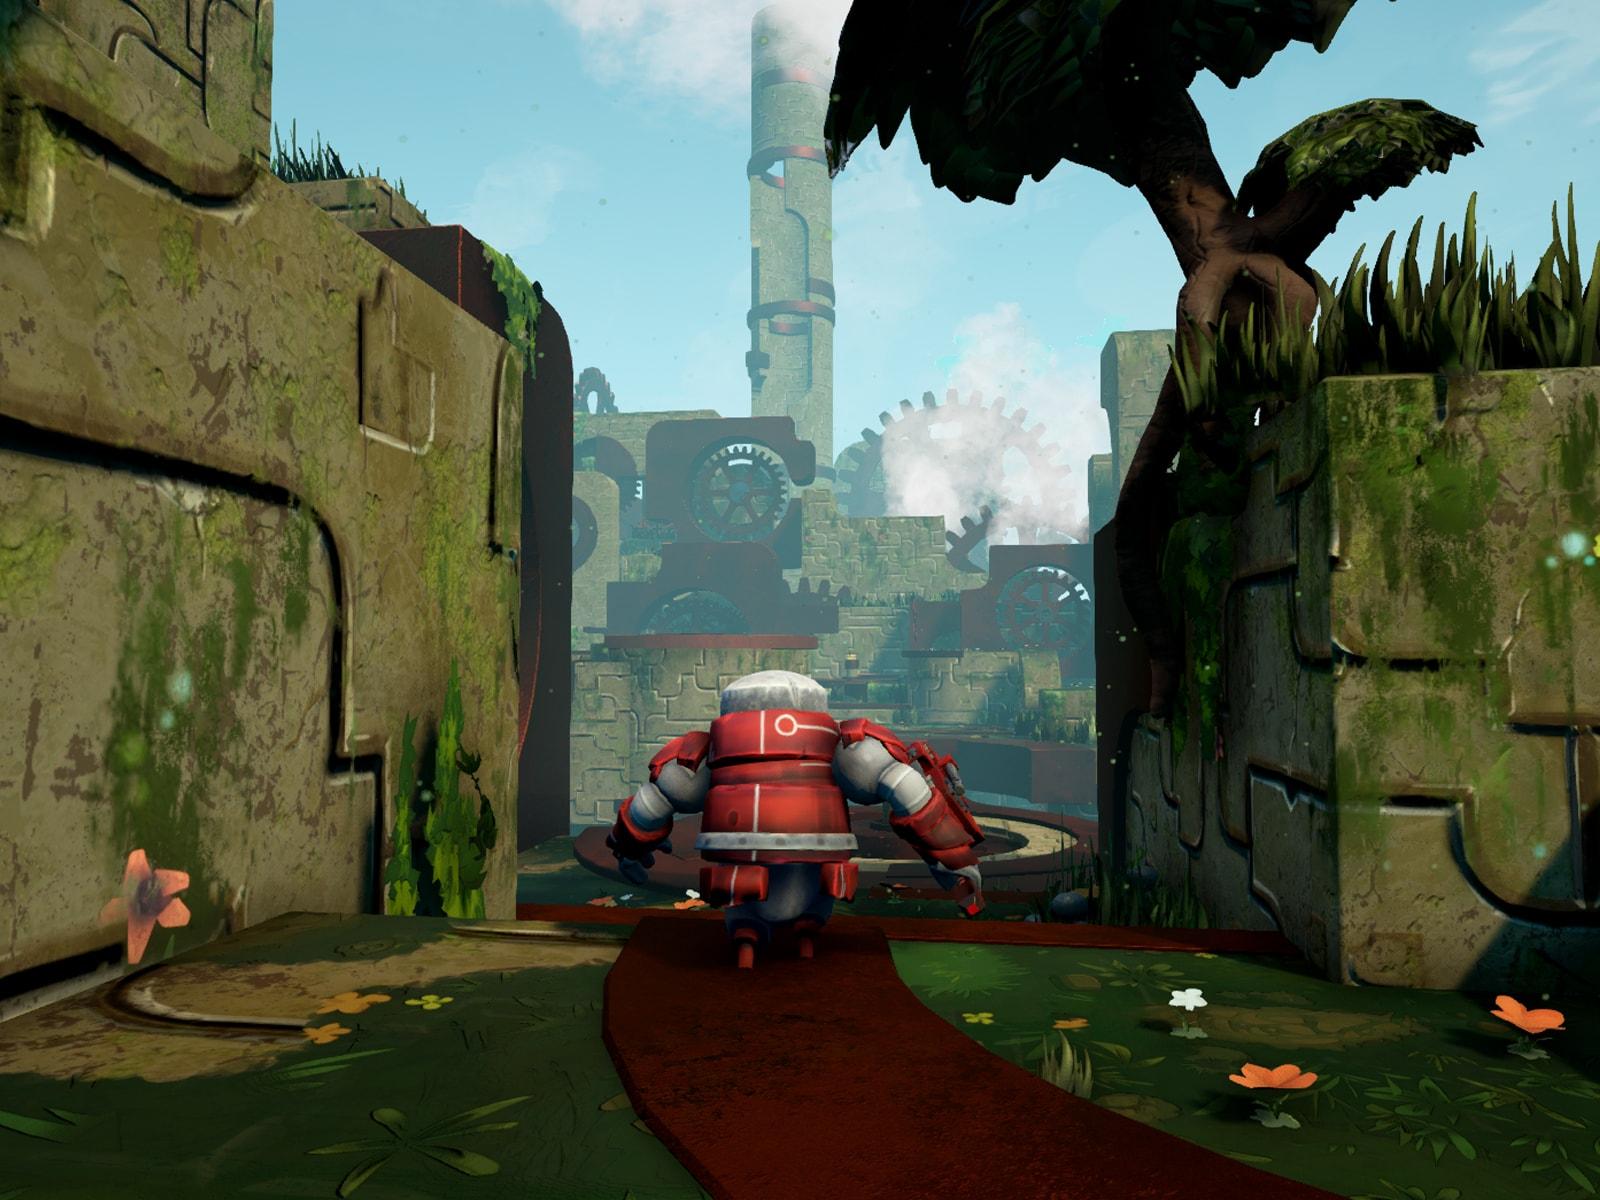 A red robot running through a clockwork world